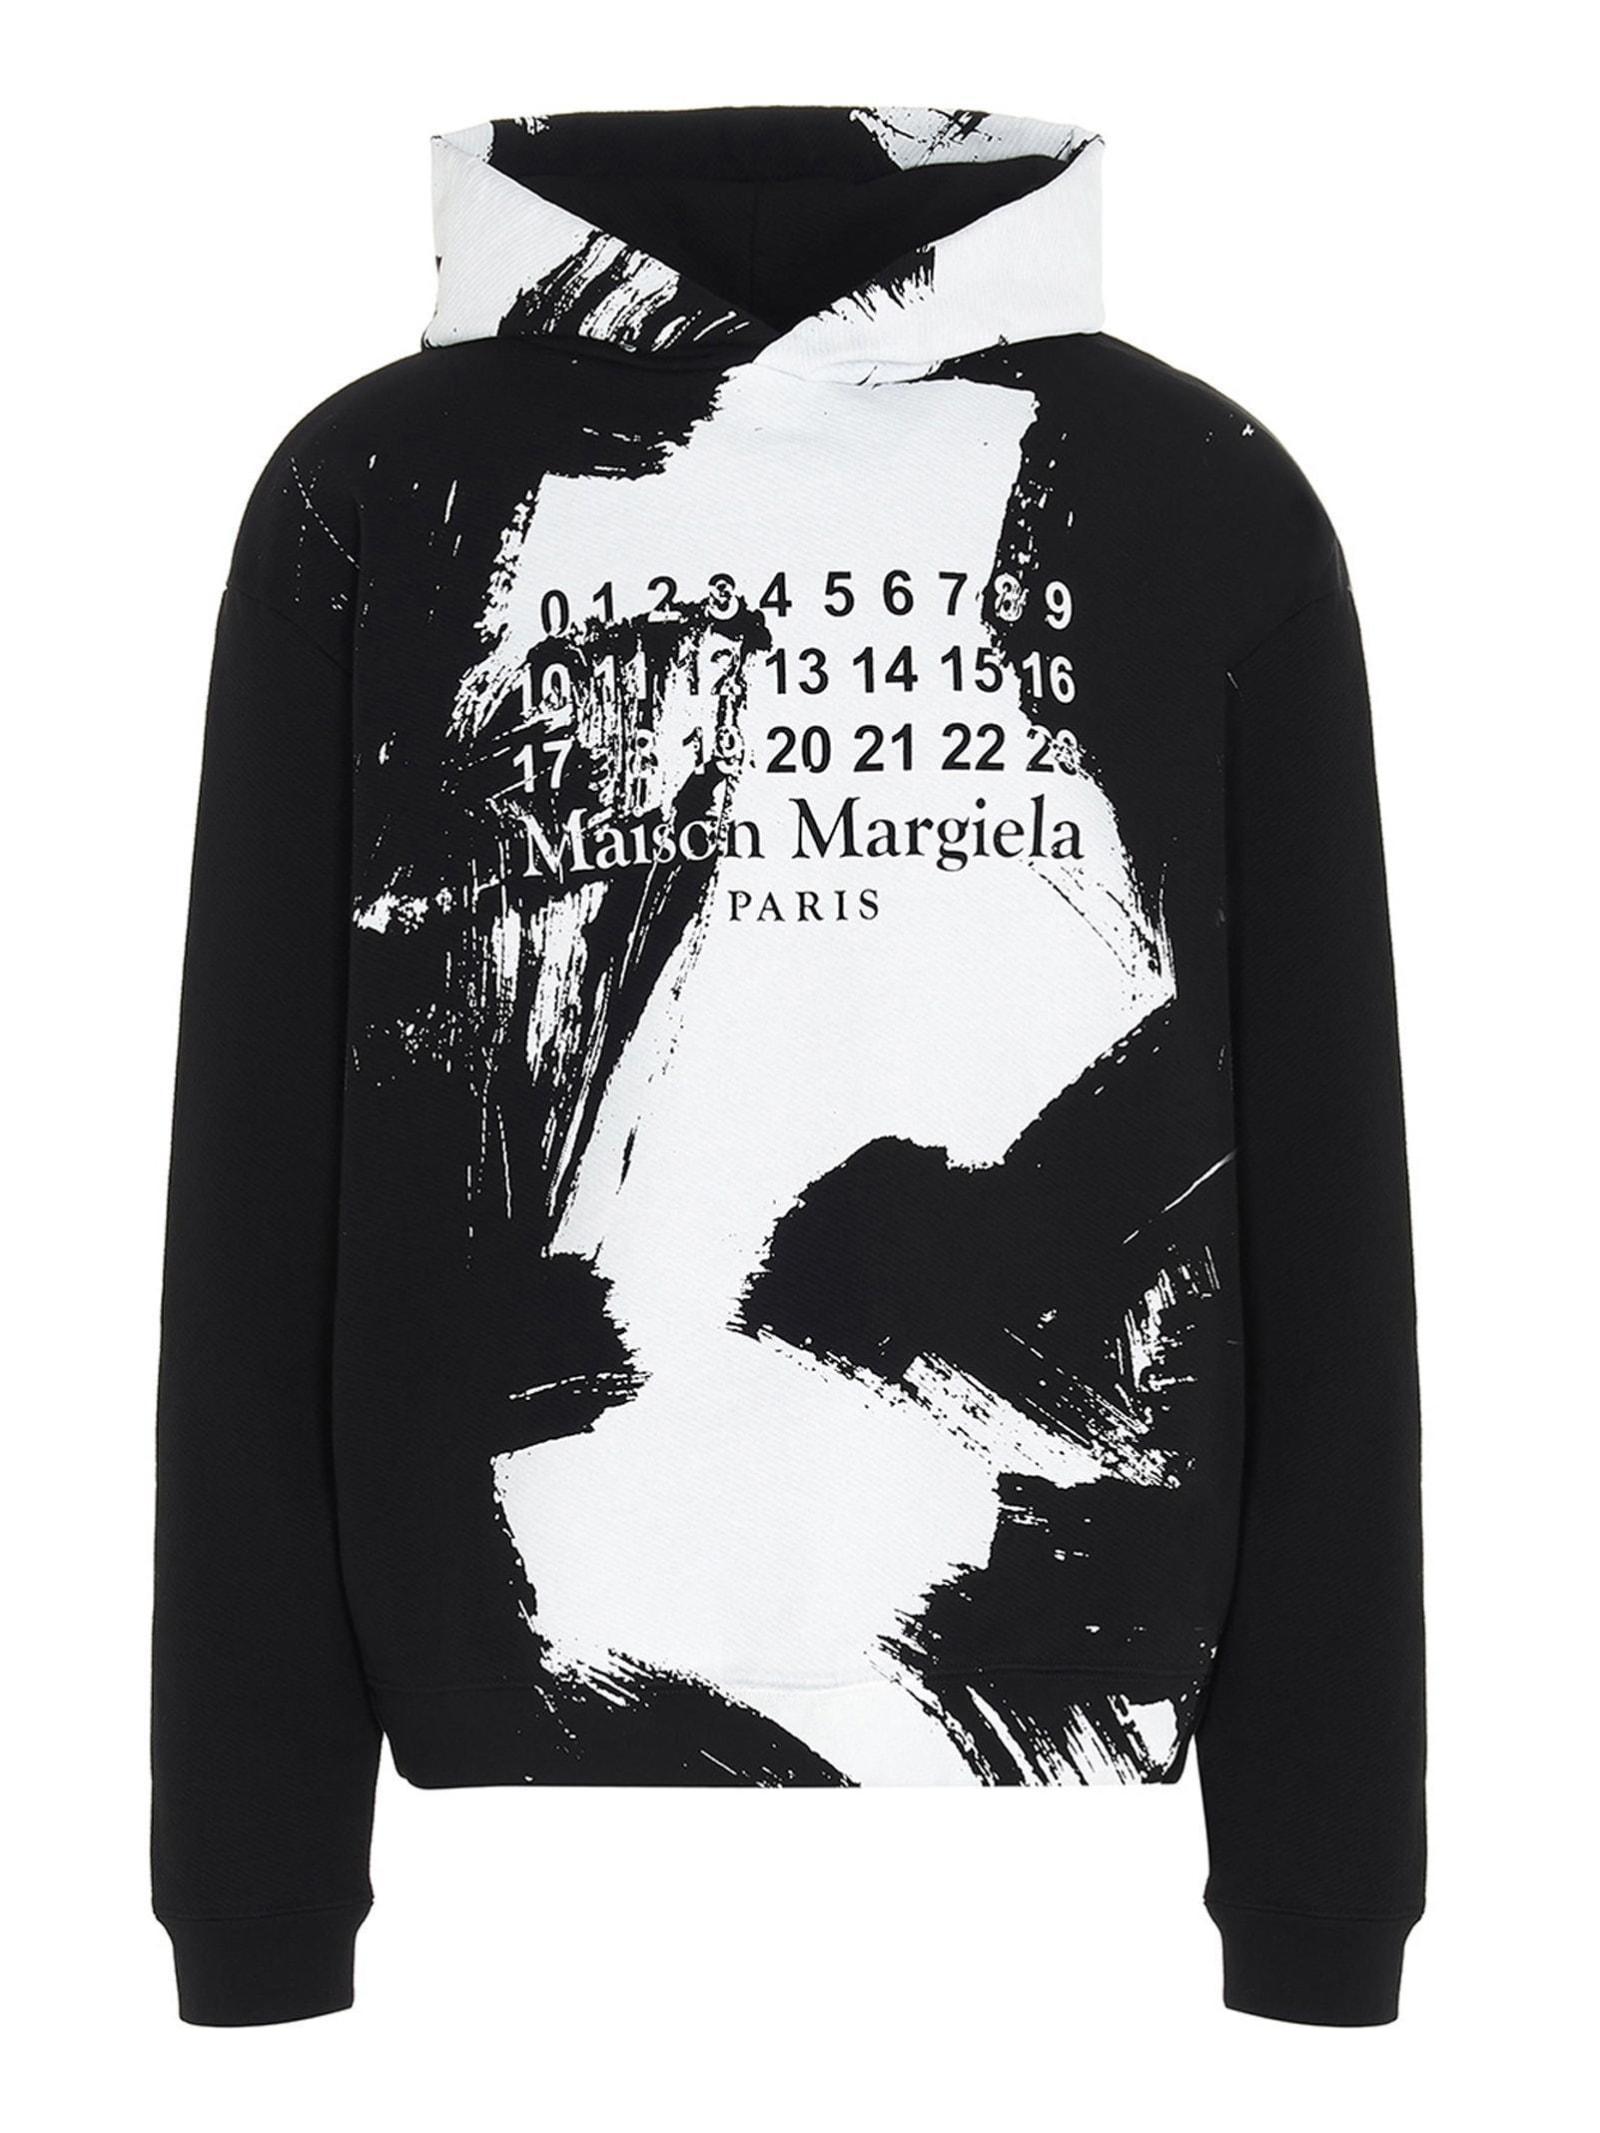 Maison Margiela Sweaters In Black